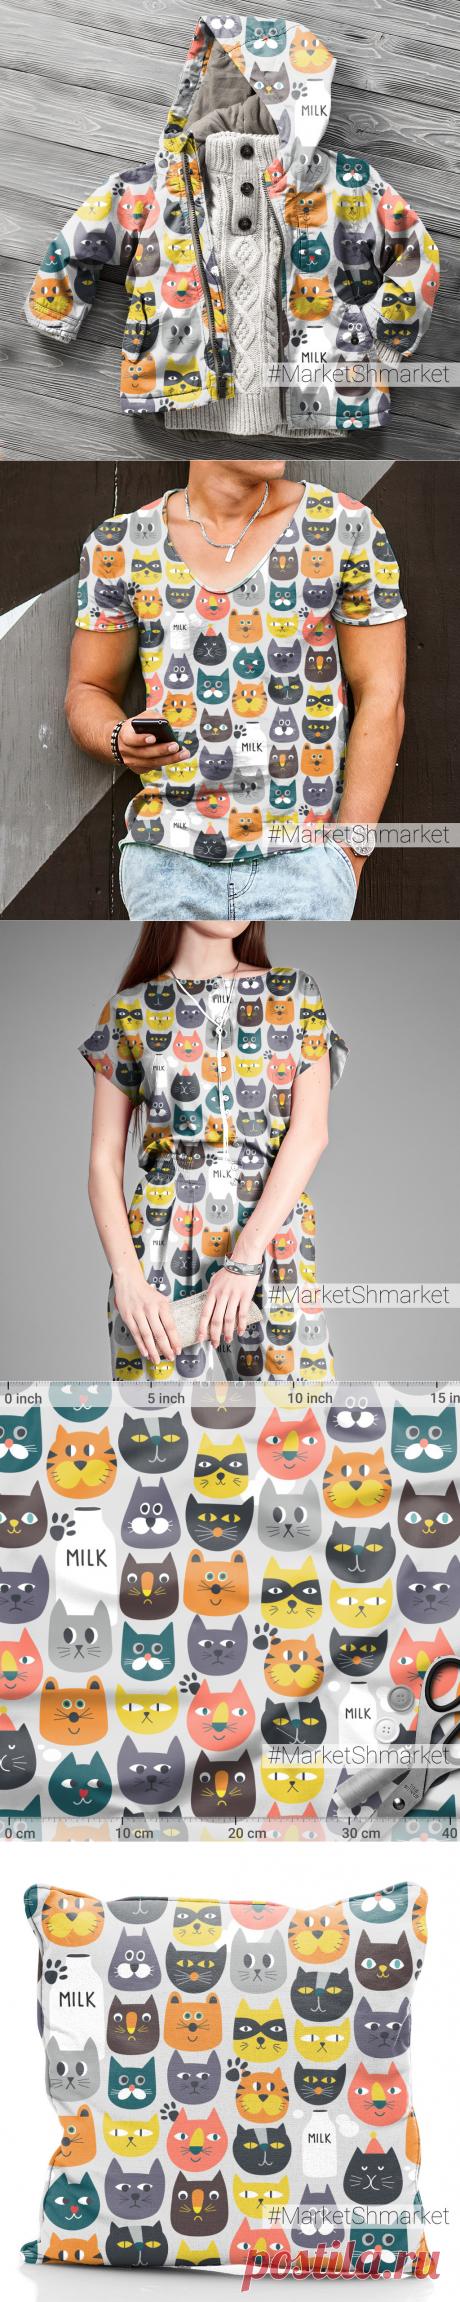 Ткань Коты и кошки и котята - закажи на #MarketShmarket.com любая ткань с любым принтом